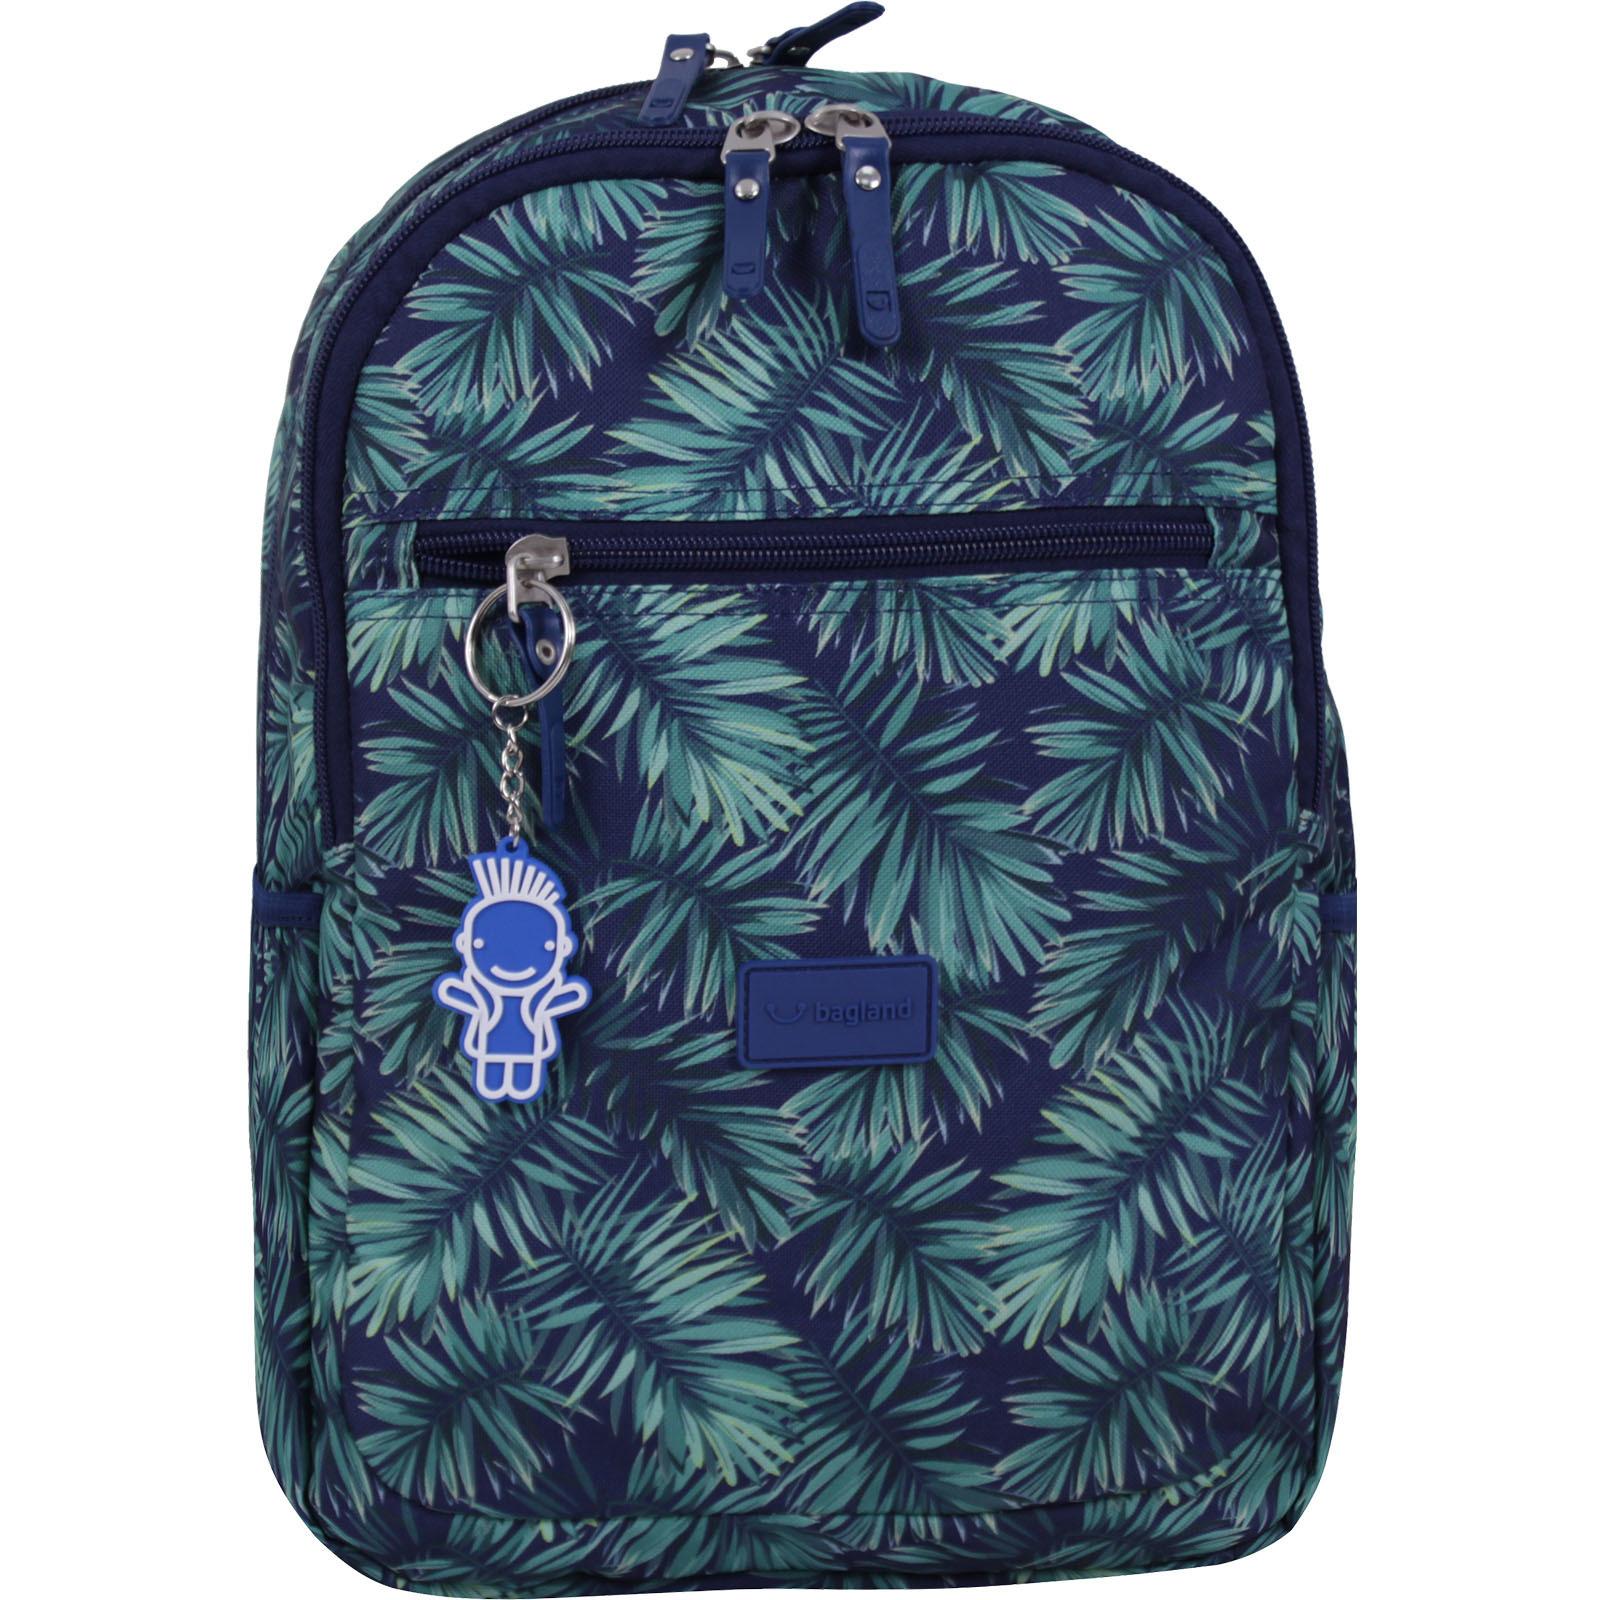 Молодежные рюкзаки Рюкзак Bagland Young 13 л. сублімація 456 (00510664) IMG_7948-1600-456.jpg